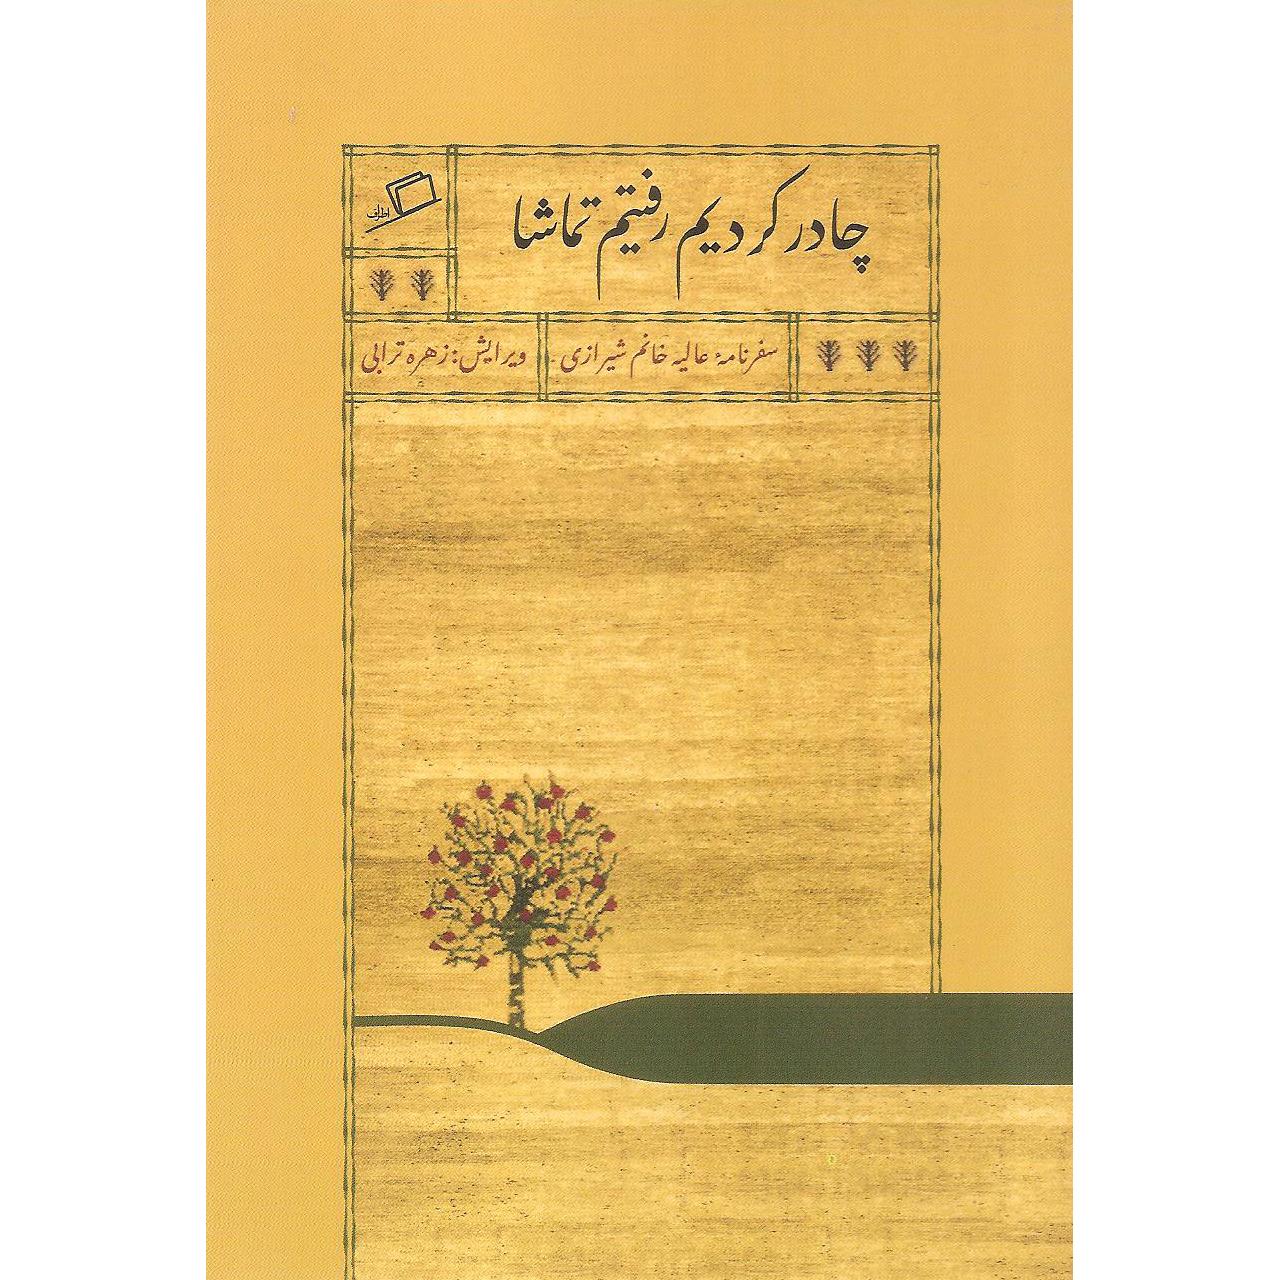 خرید                      کتاب چادر کردیم رفتیم تماشا اثر عالیه خانم شیرازی نشر اطراف